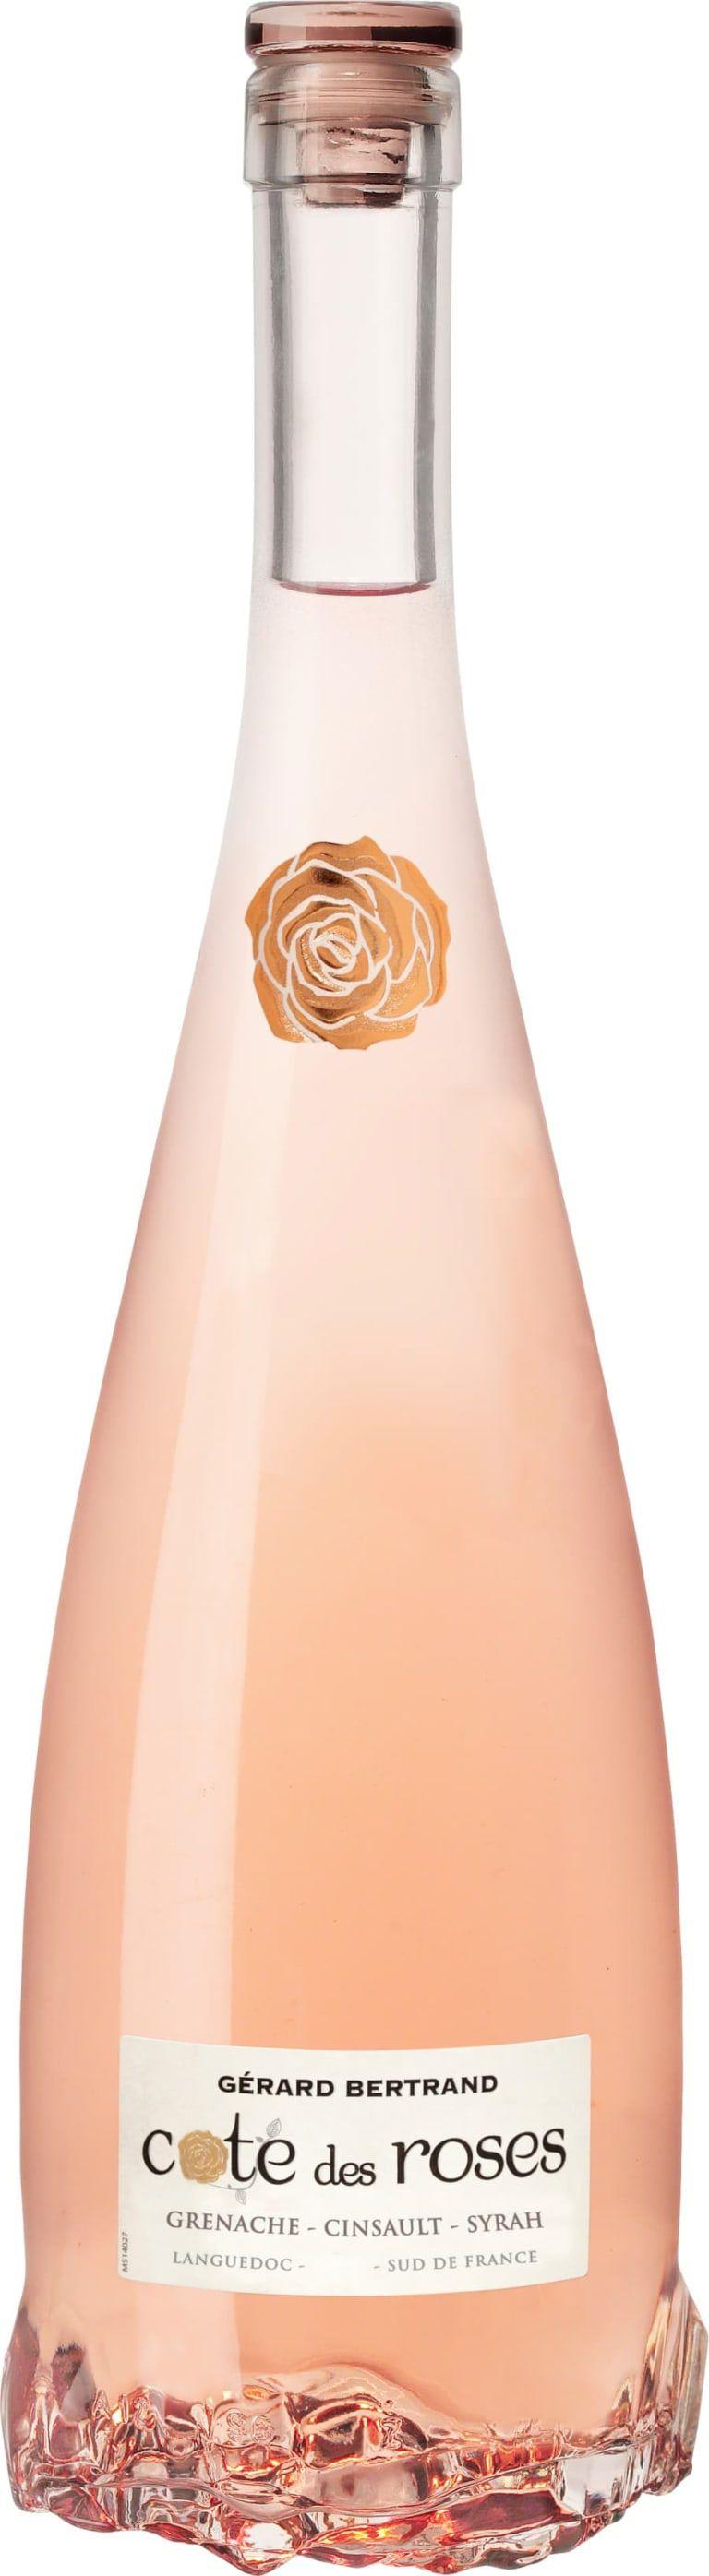 Gerard Bertrand Cote Des Roses Rose